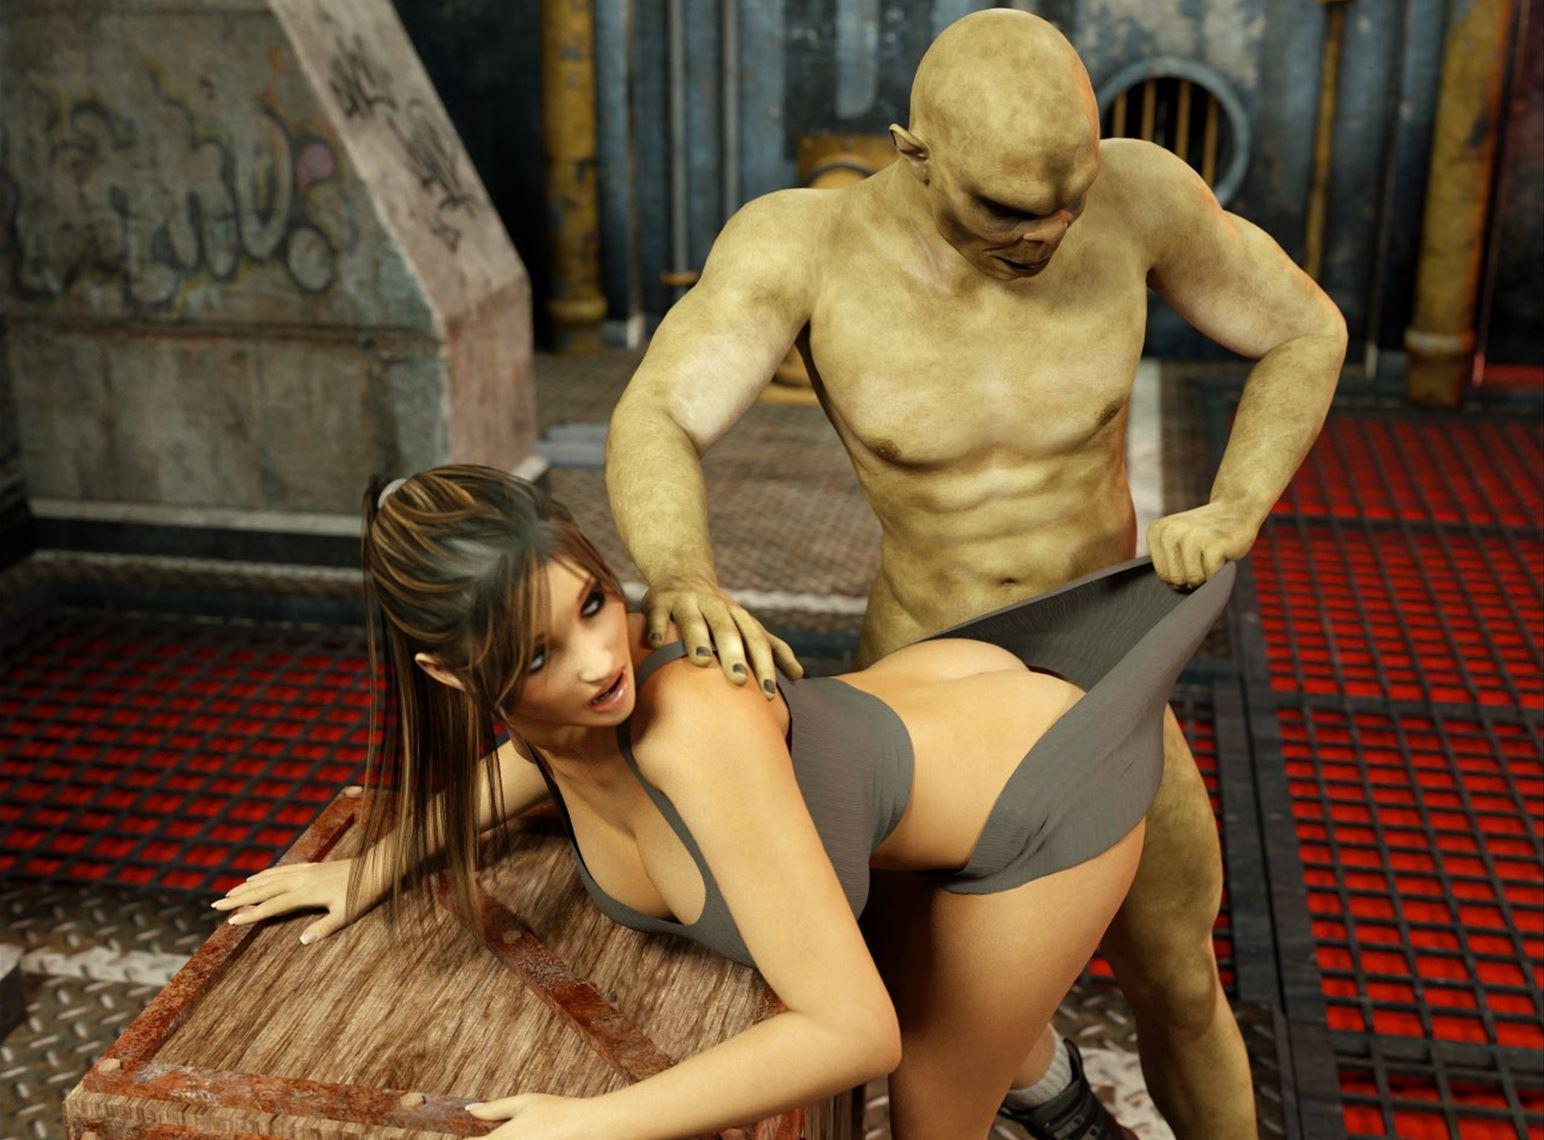 Xxx goblin 3d gallery erotic video